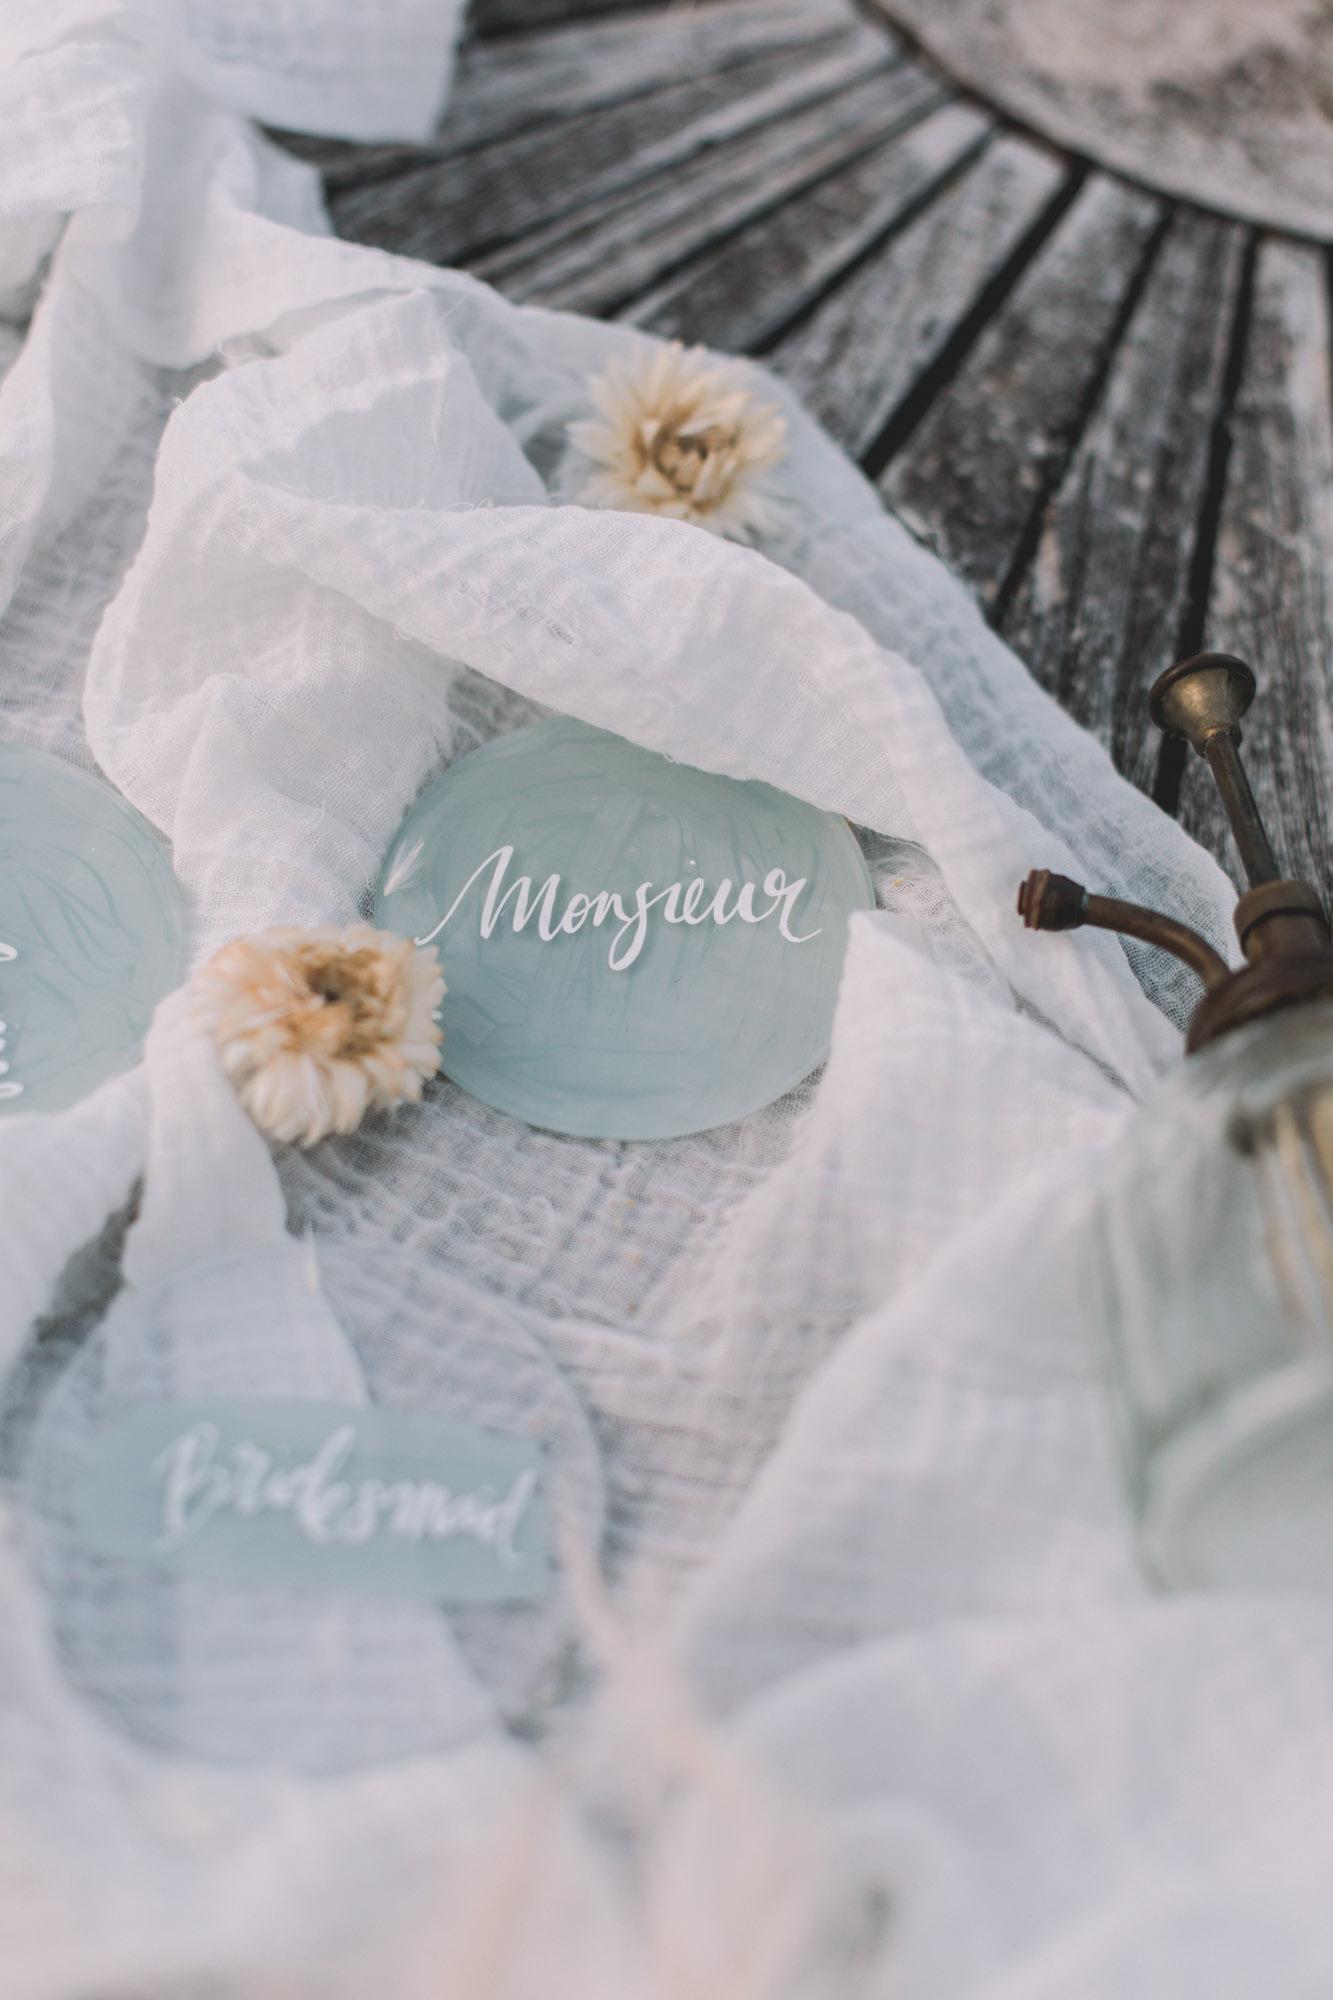 PAPETERIE_MARQUE PLACE_BLEU_CALLIGRAPHIE_PHOTOGRAPHE_MARIAGE_LES BANDITS